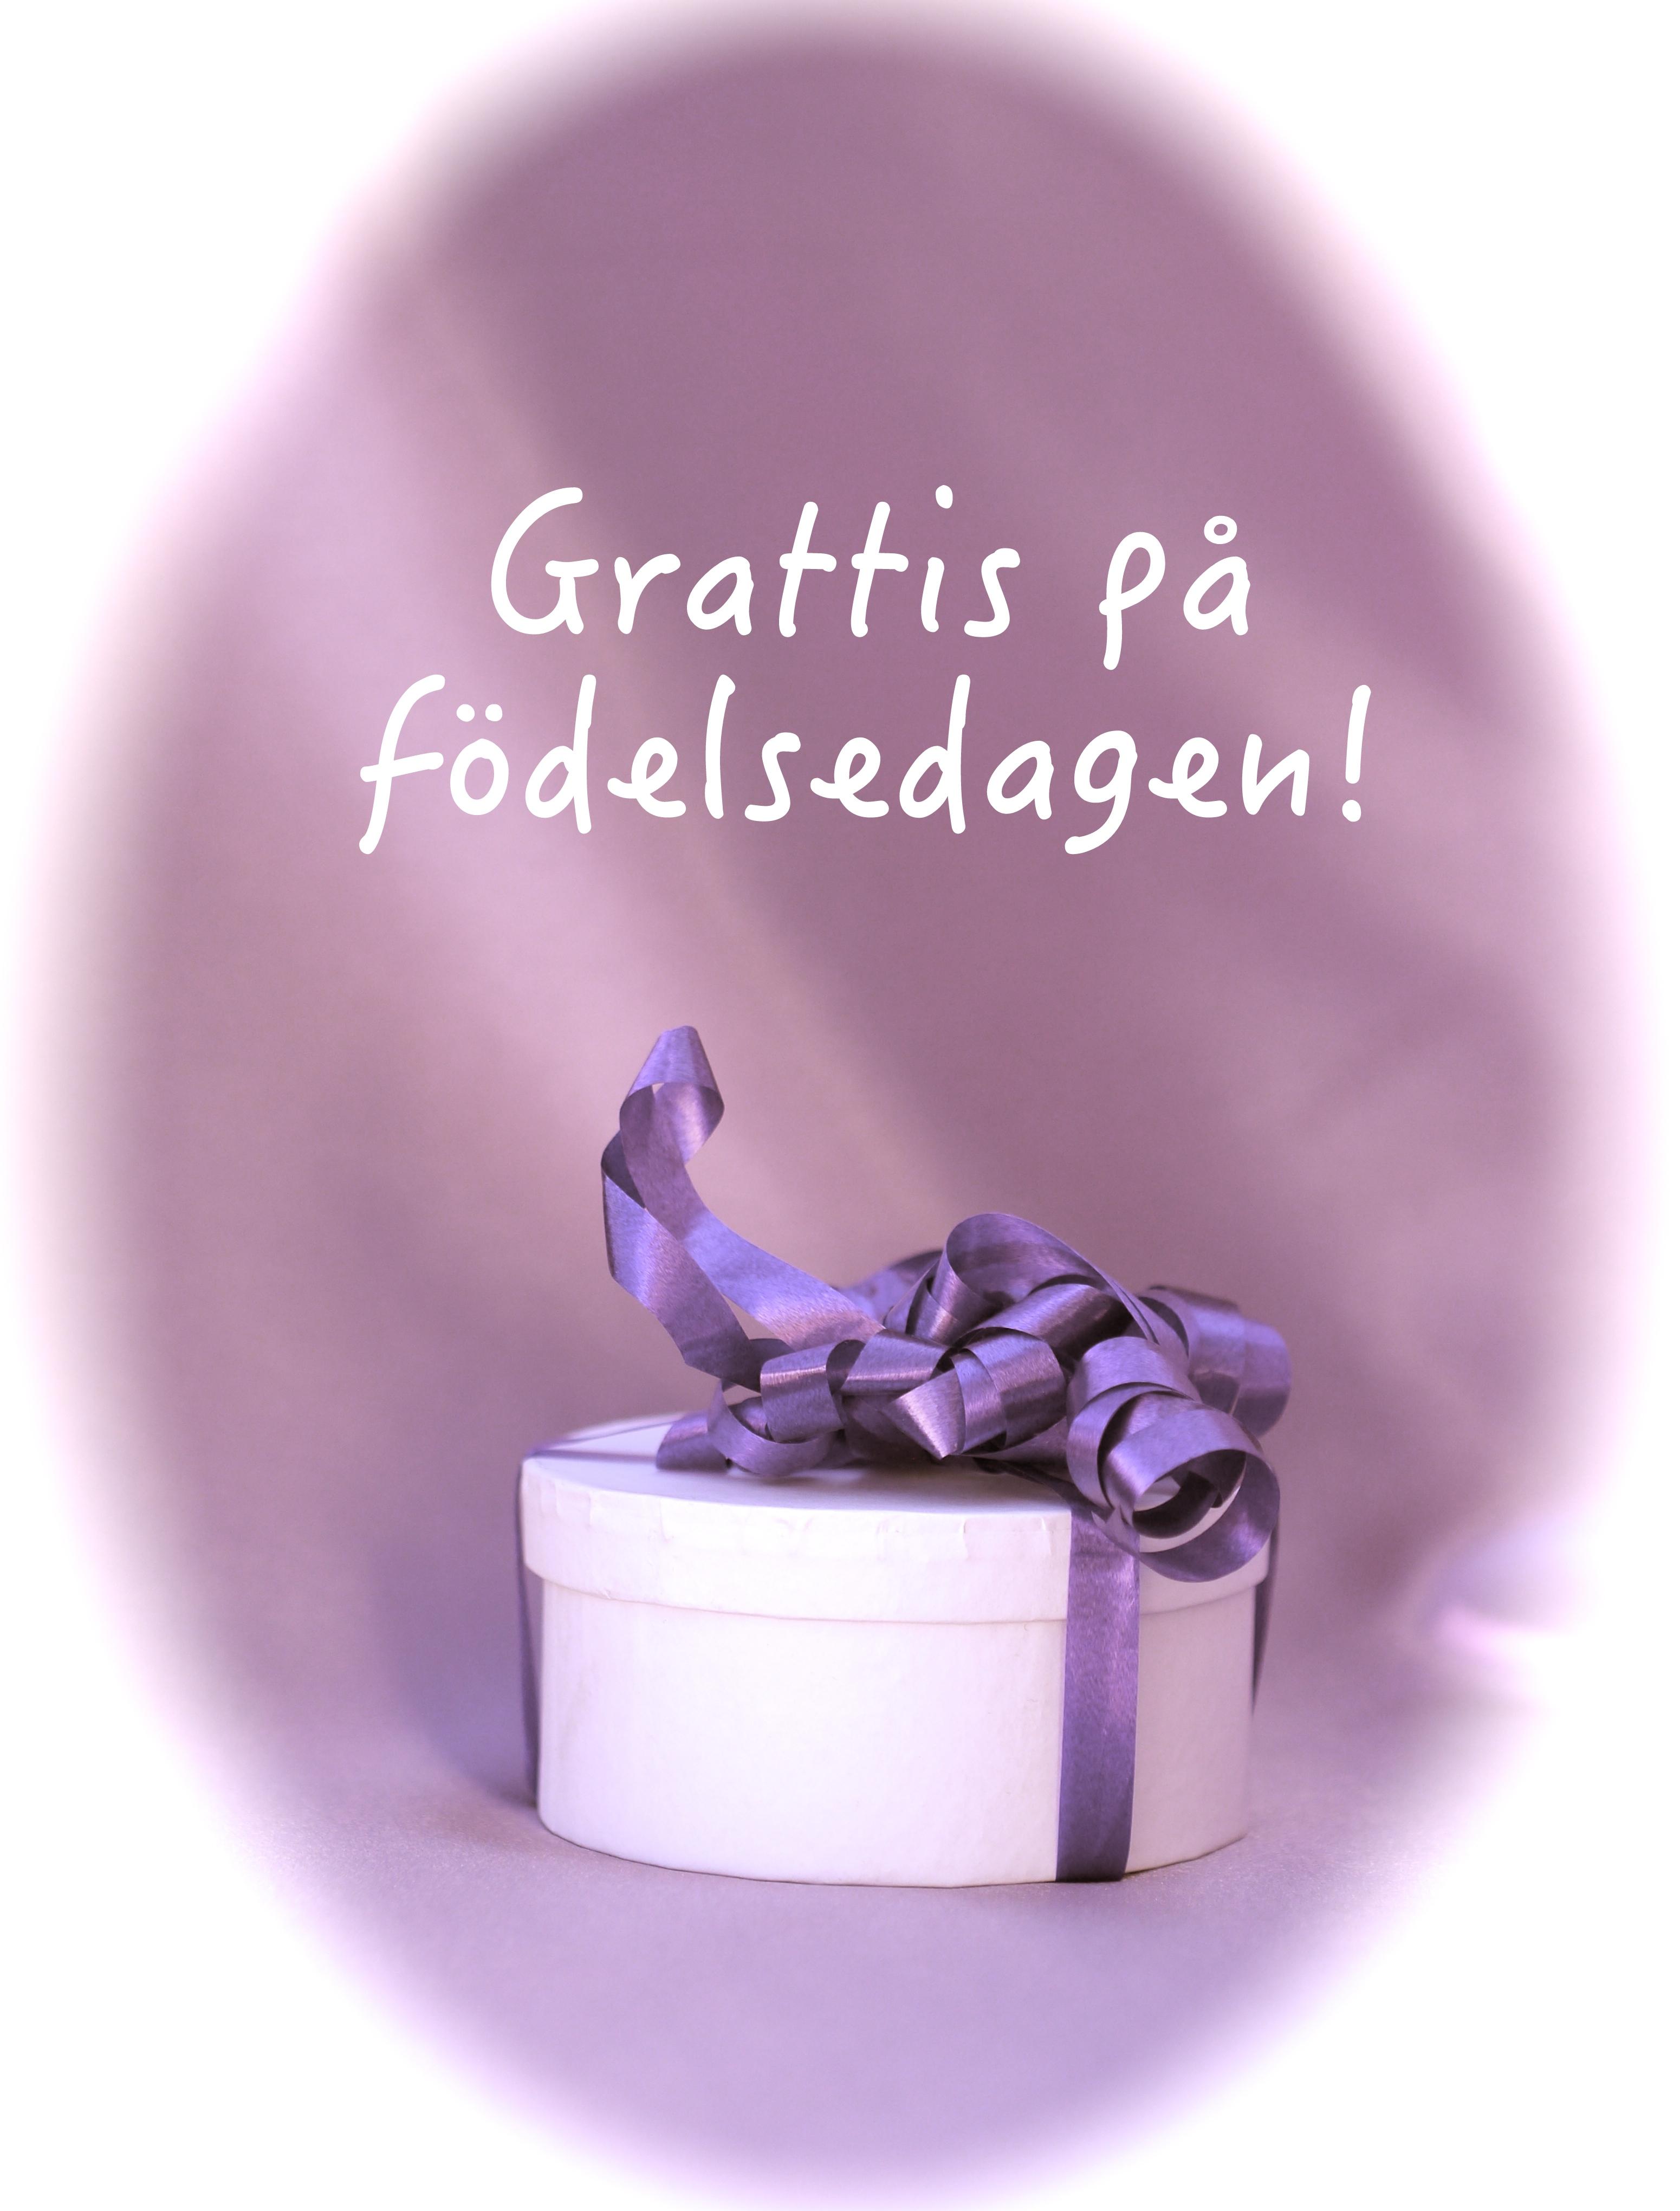 rim födelsedag norrlandskontakter